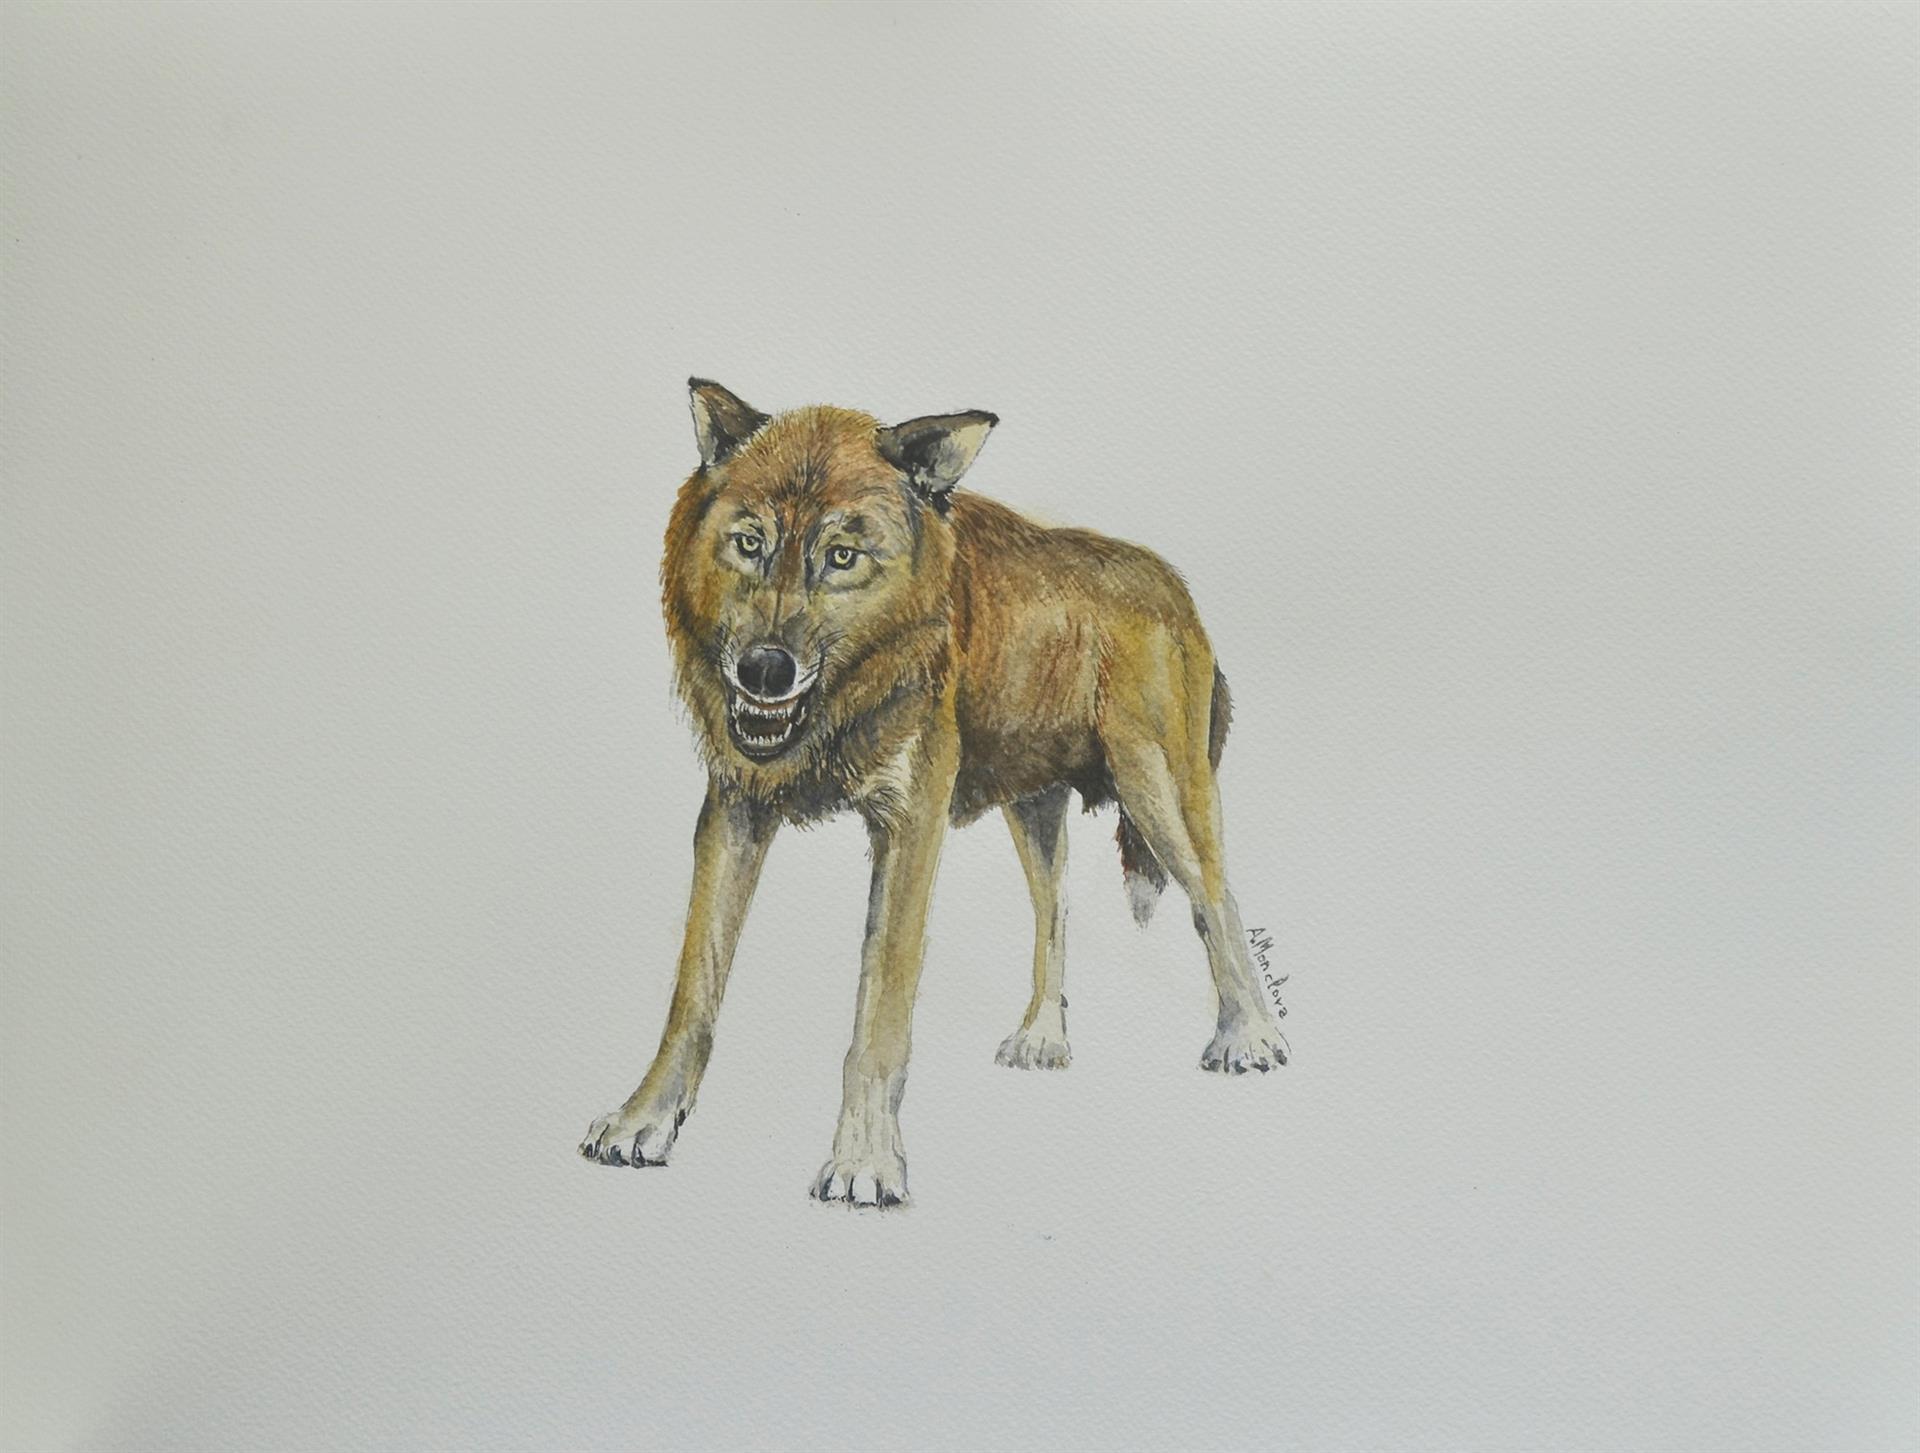 Descubren una nueva especie de pequeño lobo en Orce que vivió hace 1,6 millones de años